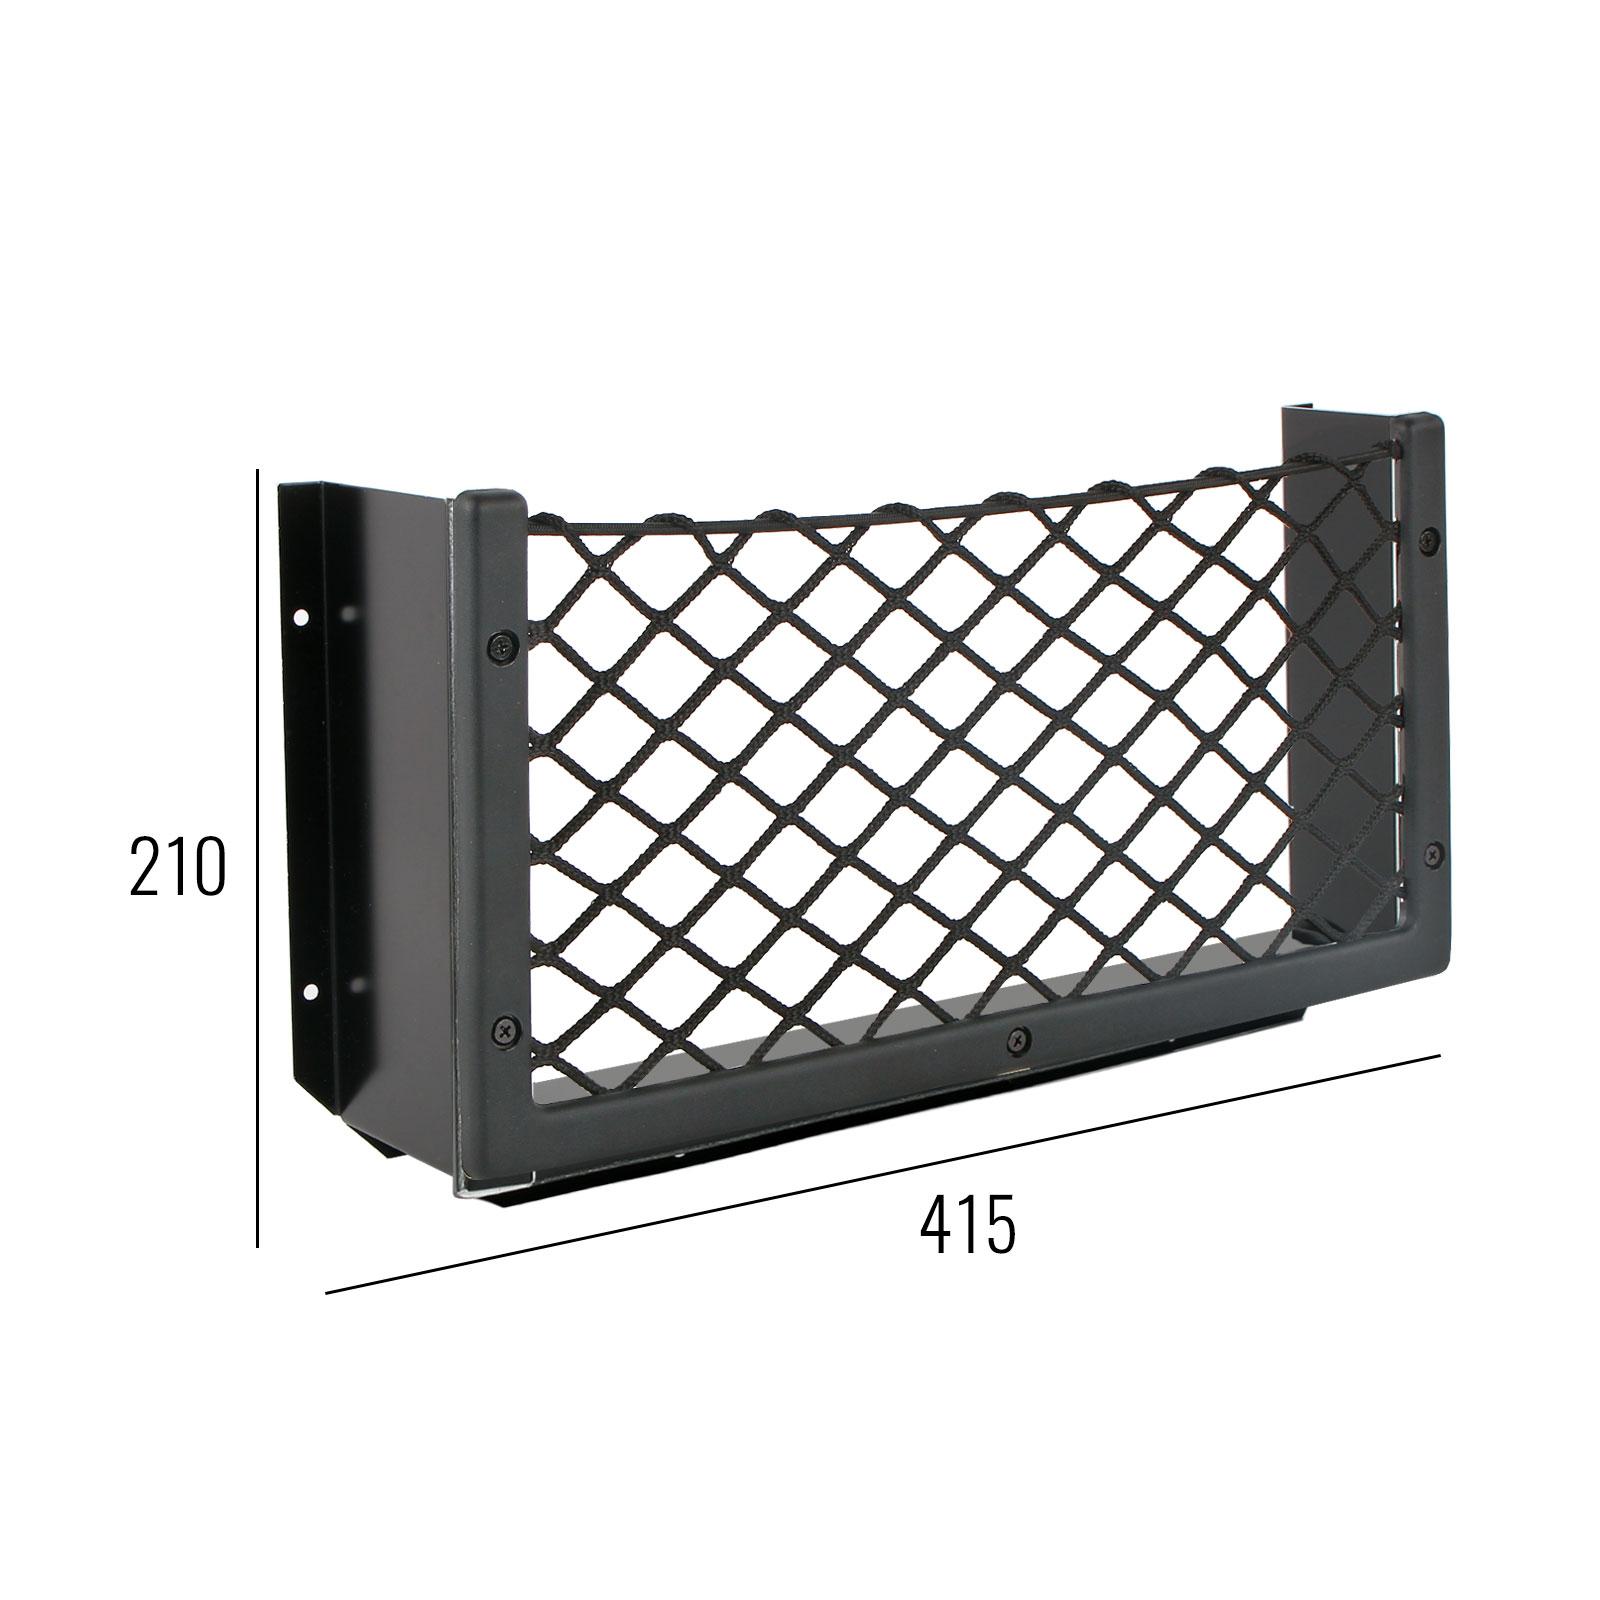 Netzablagefach L 415 x 210 mm x 80 mm + Abstandshalter